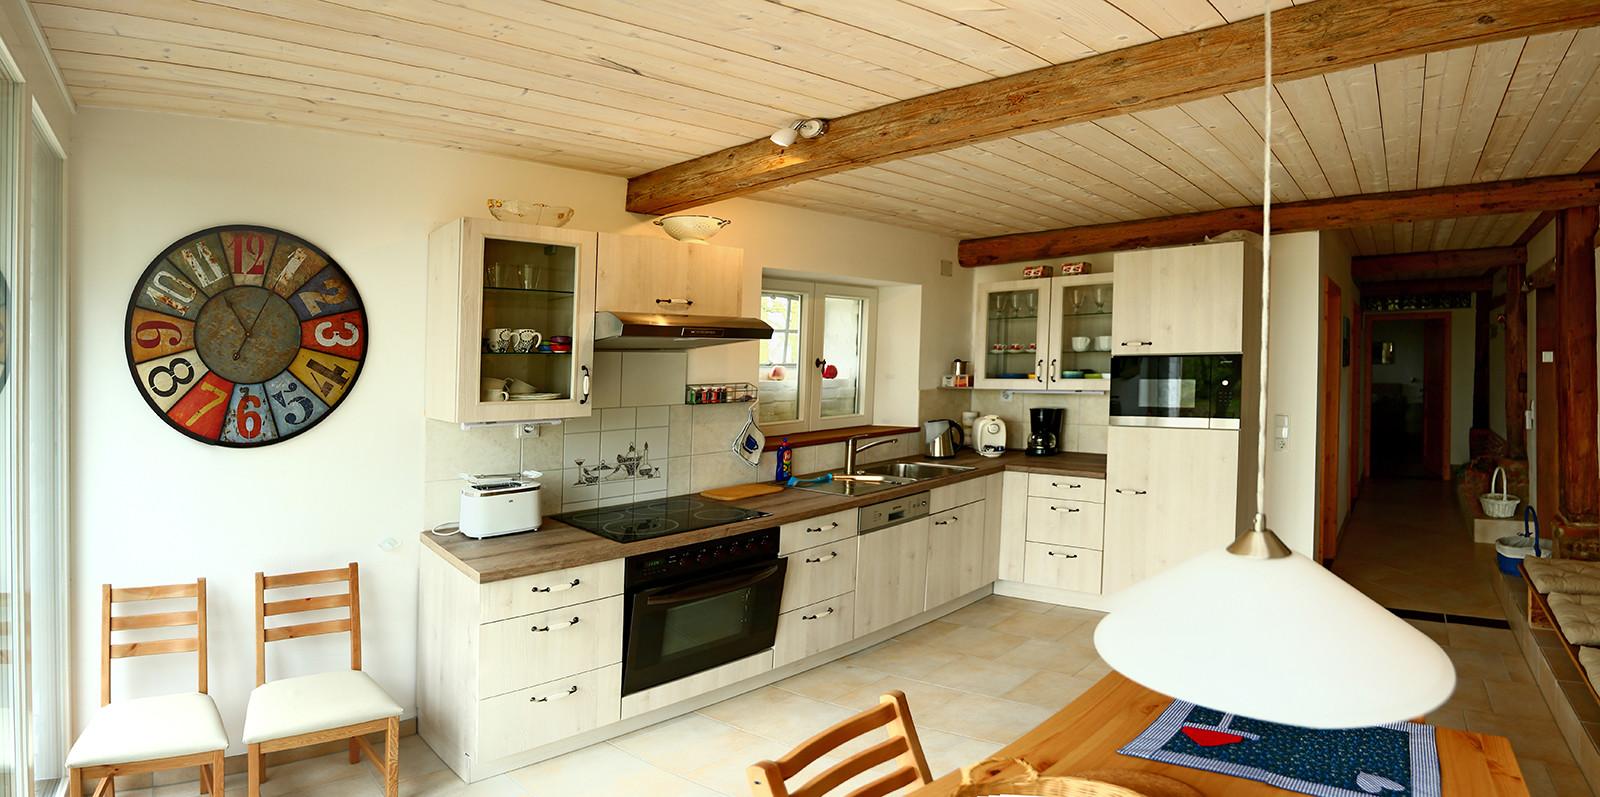 Eine Wohnküche mit kompletter Einrichtung.